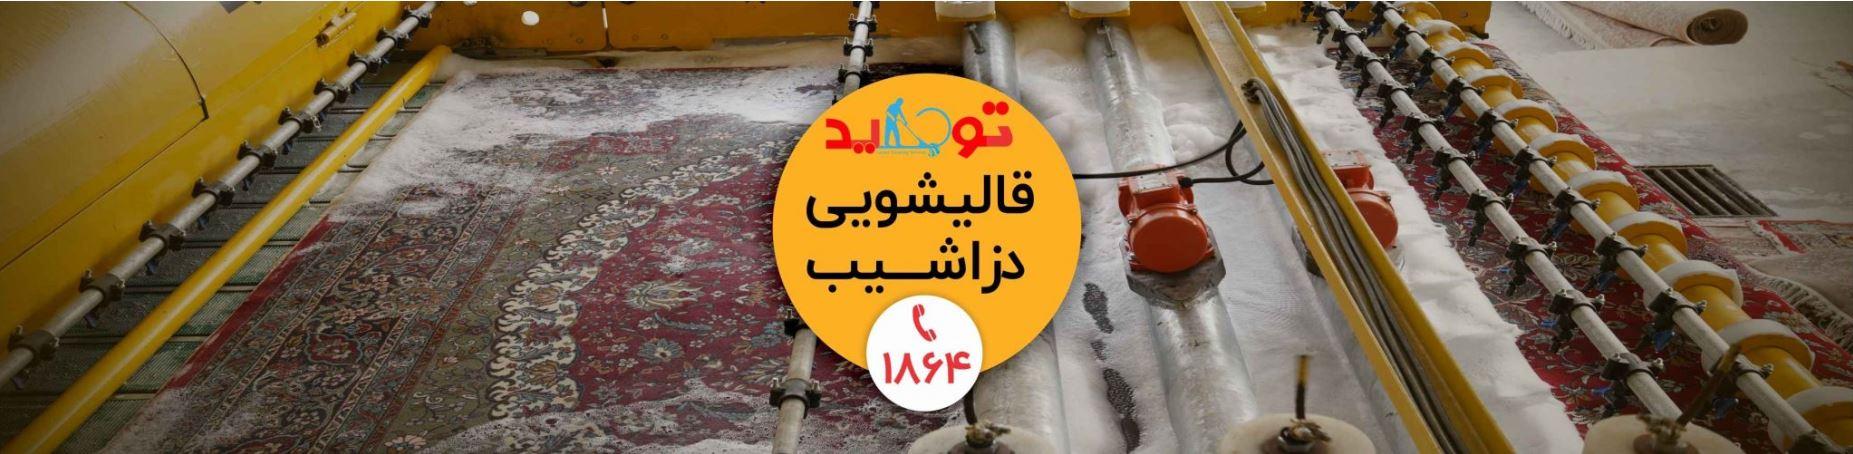 قالیشویی دزاشیب